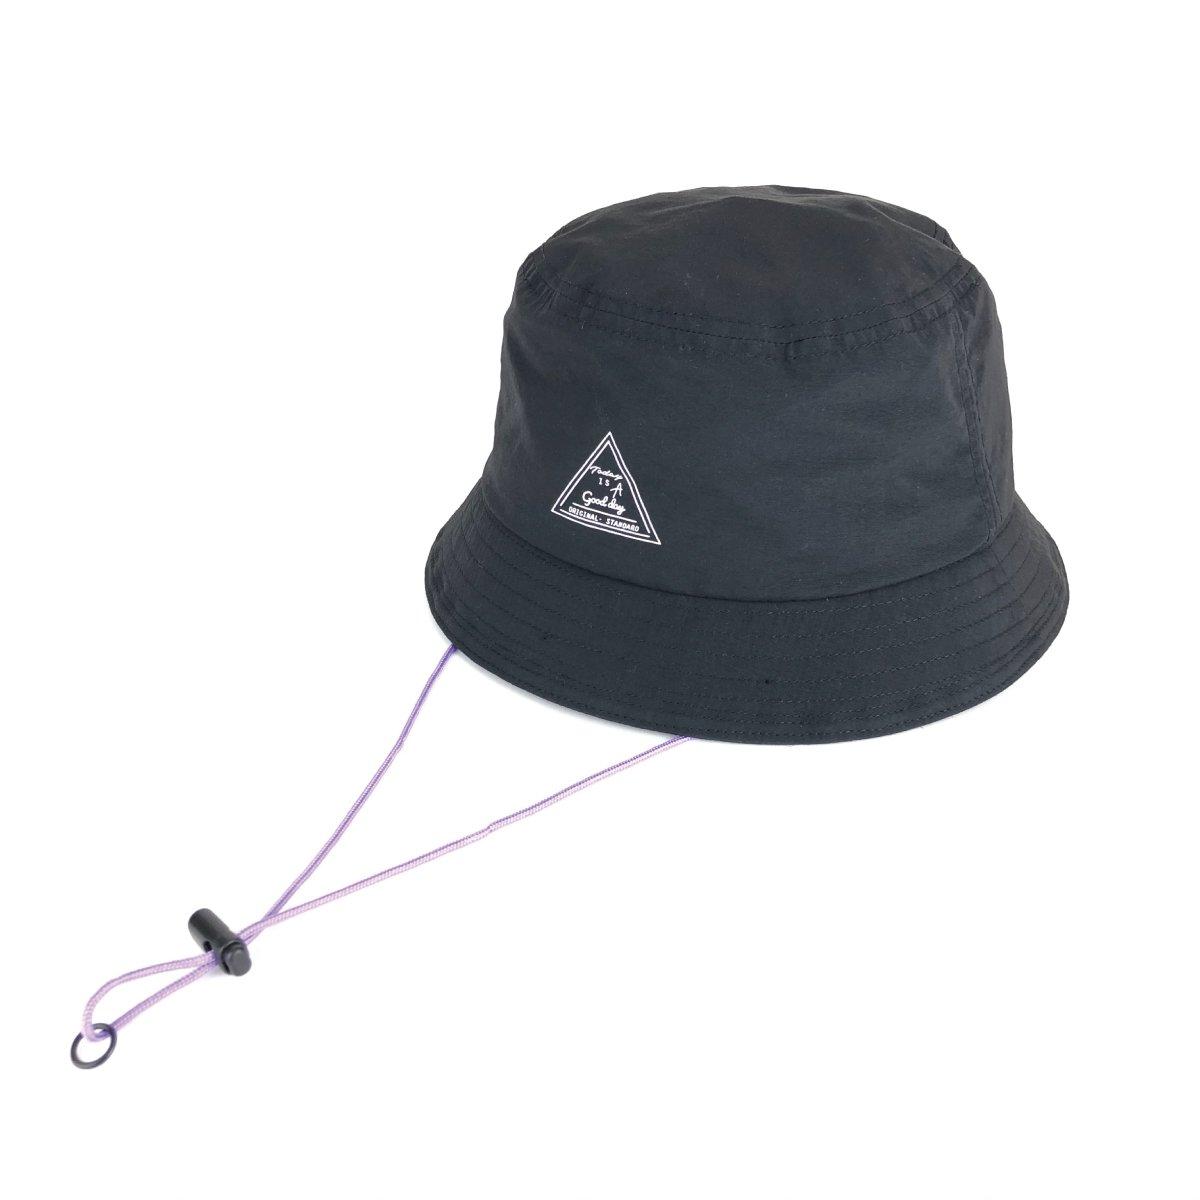 【KIDS】Kids Obey Hat 詳細画像13